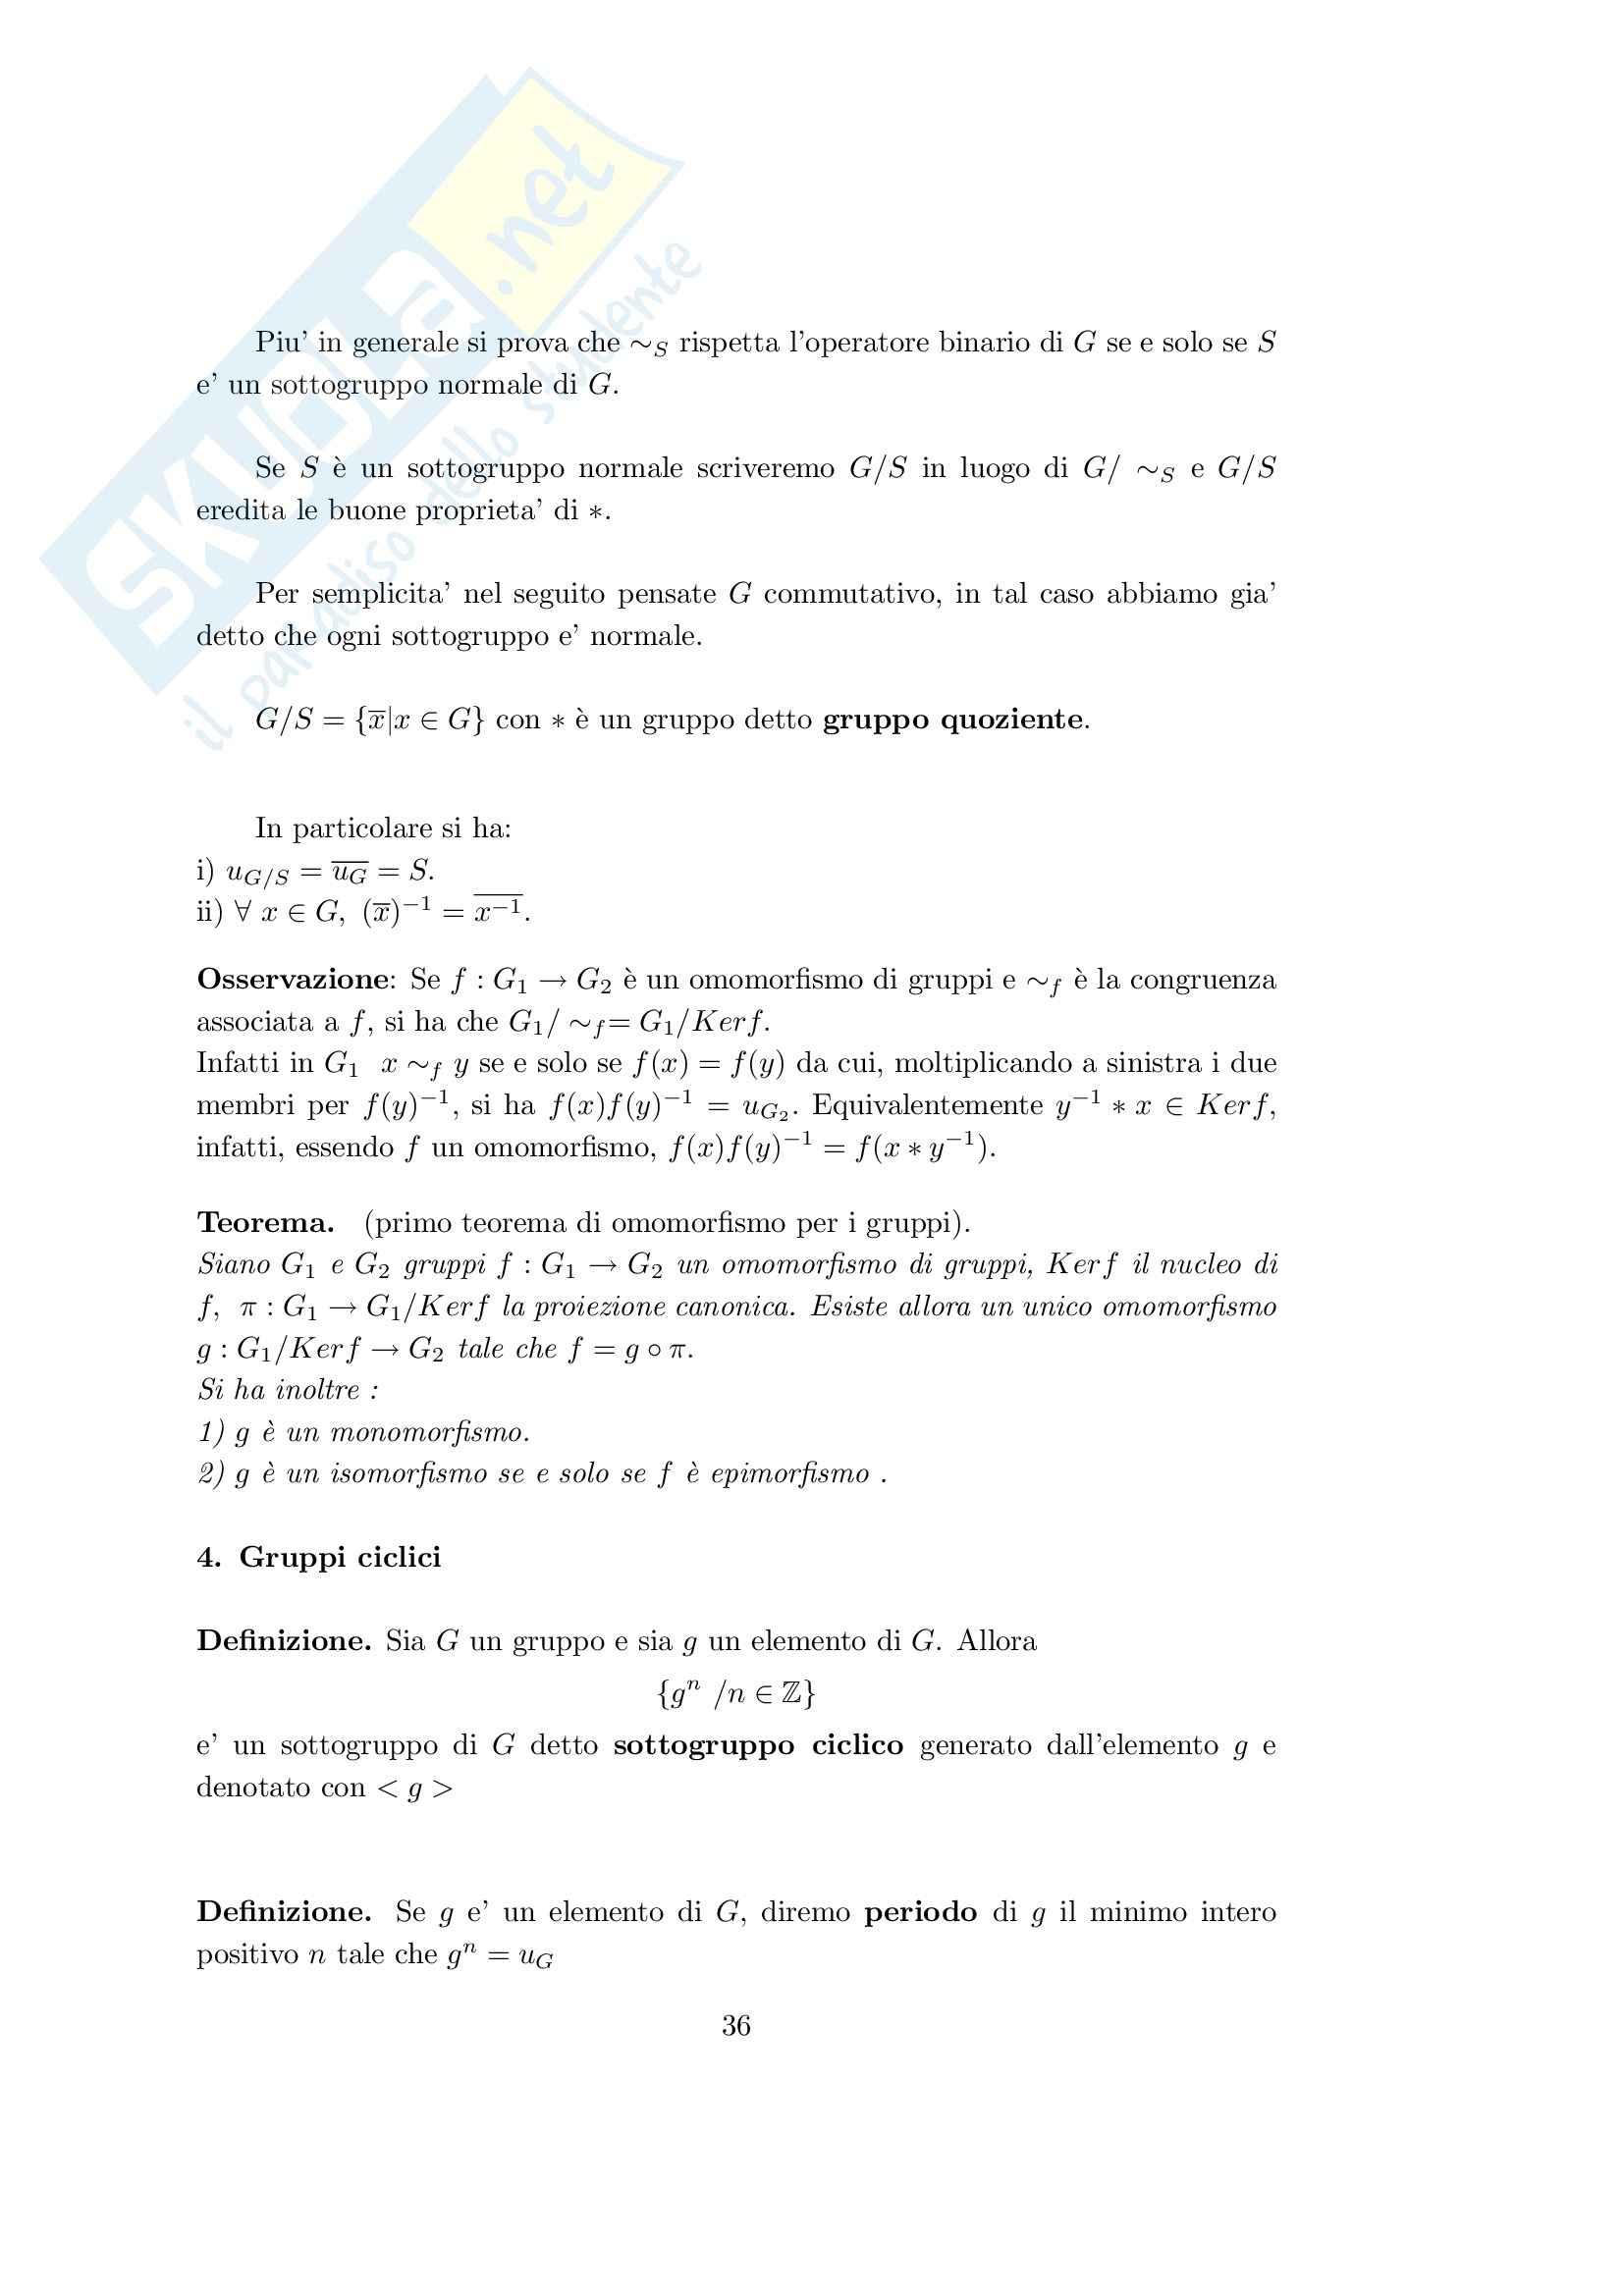 teoria degli insiemi Pag. 36